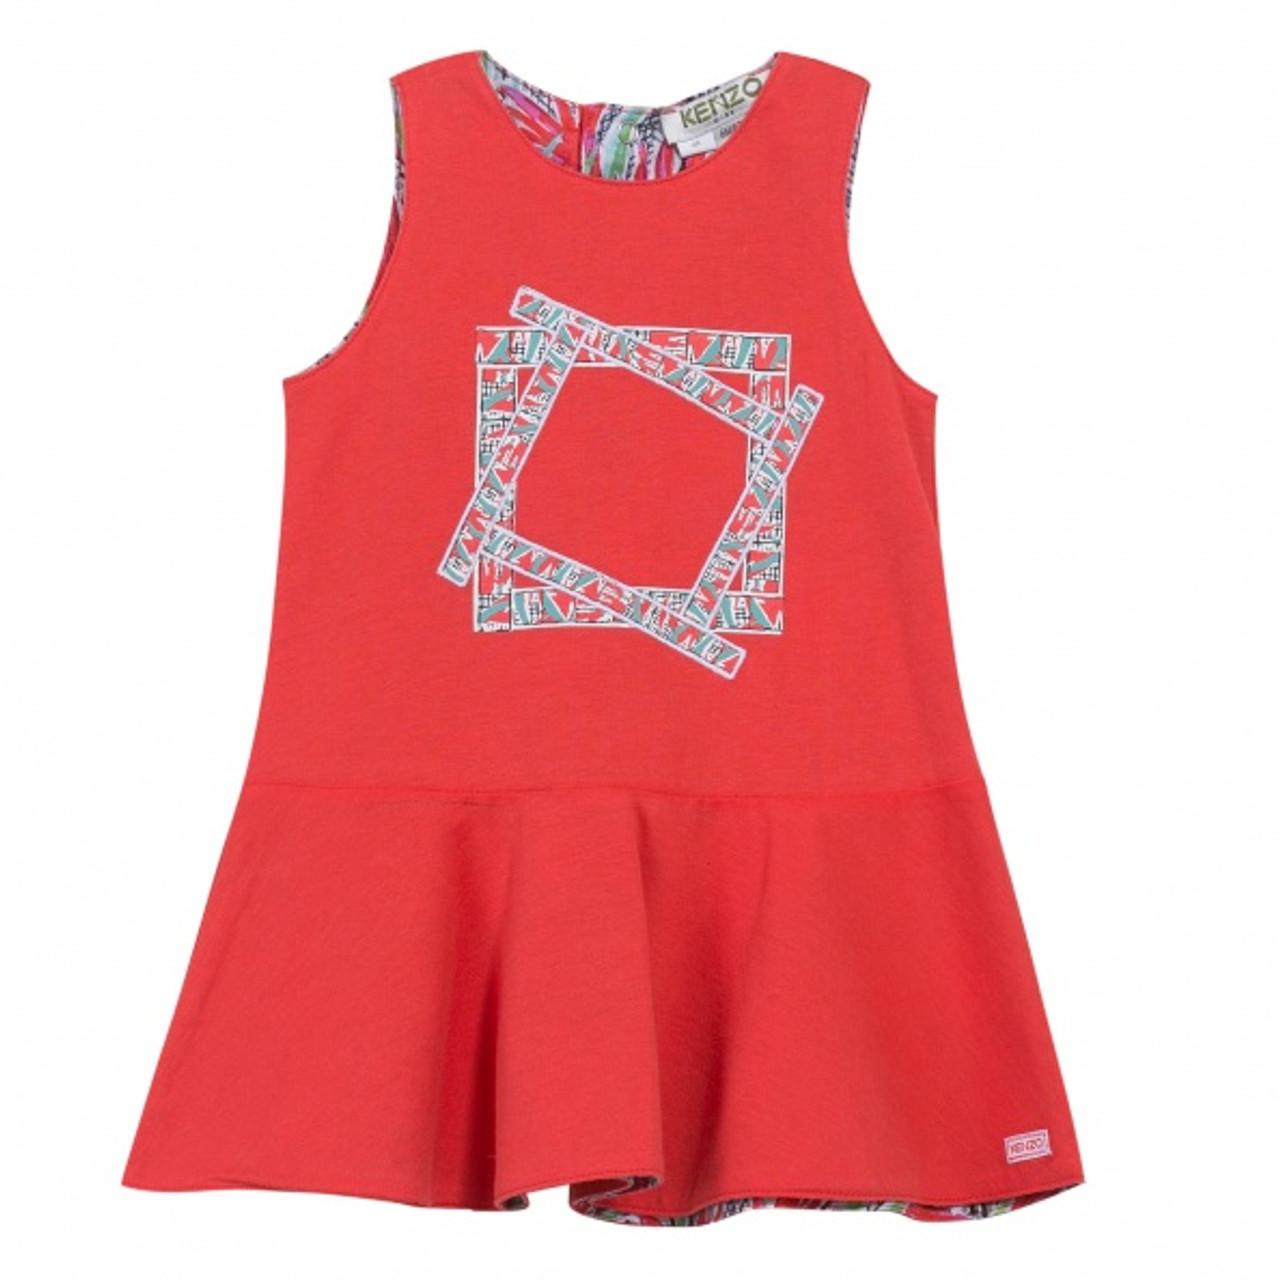 eb4ac50ec Kenzo Reversible Dress - Le Petit Kids